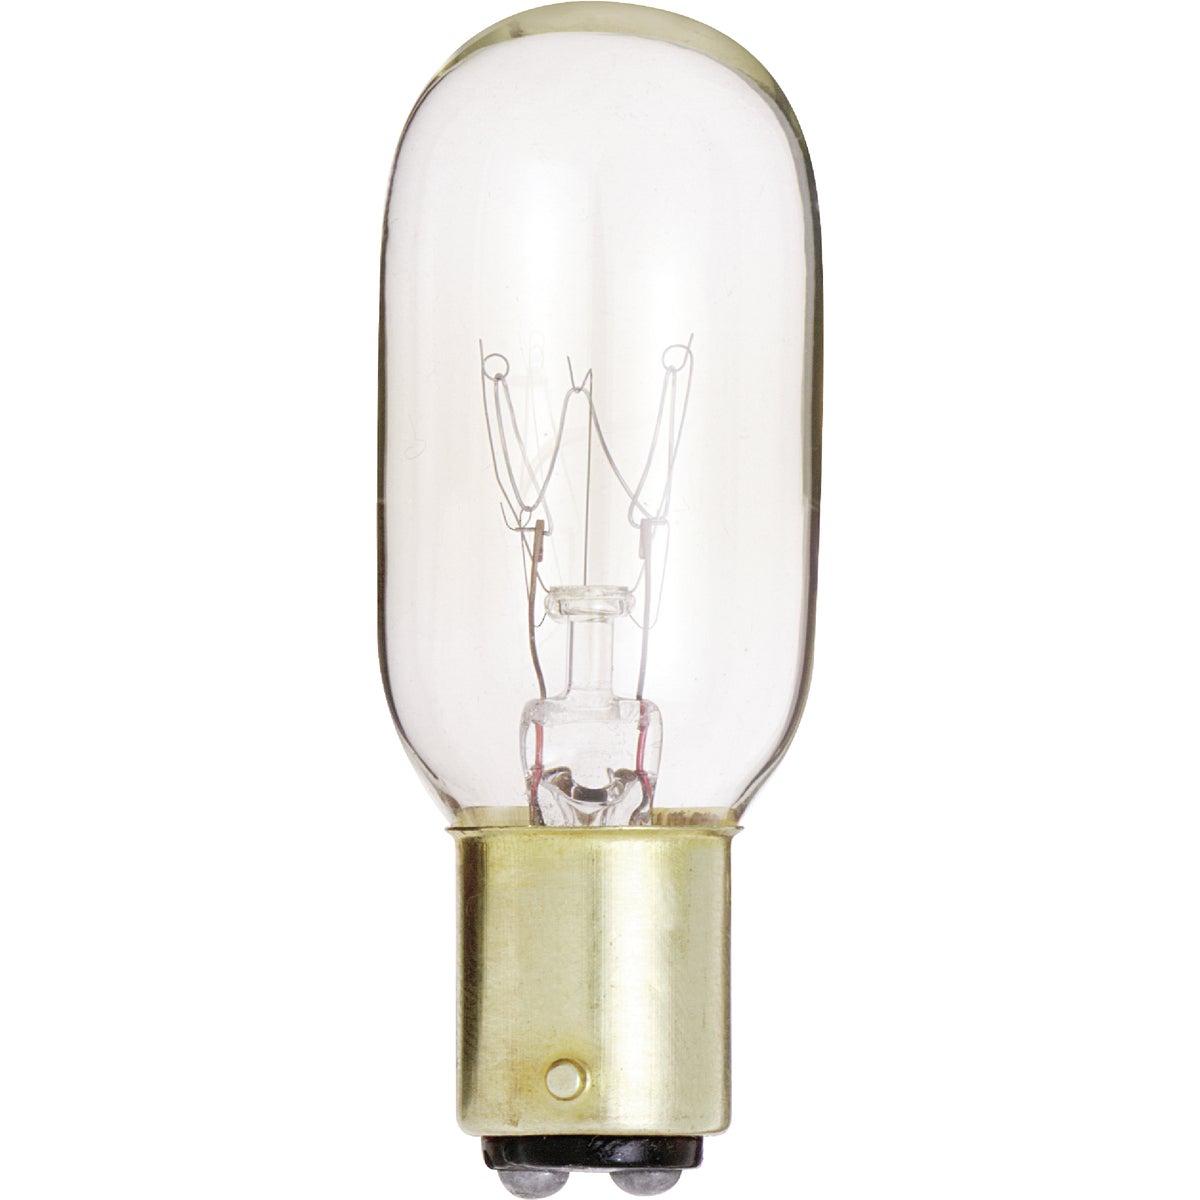 25W BAYONET CLR BULB - 03717 by Westinghouse Lightng